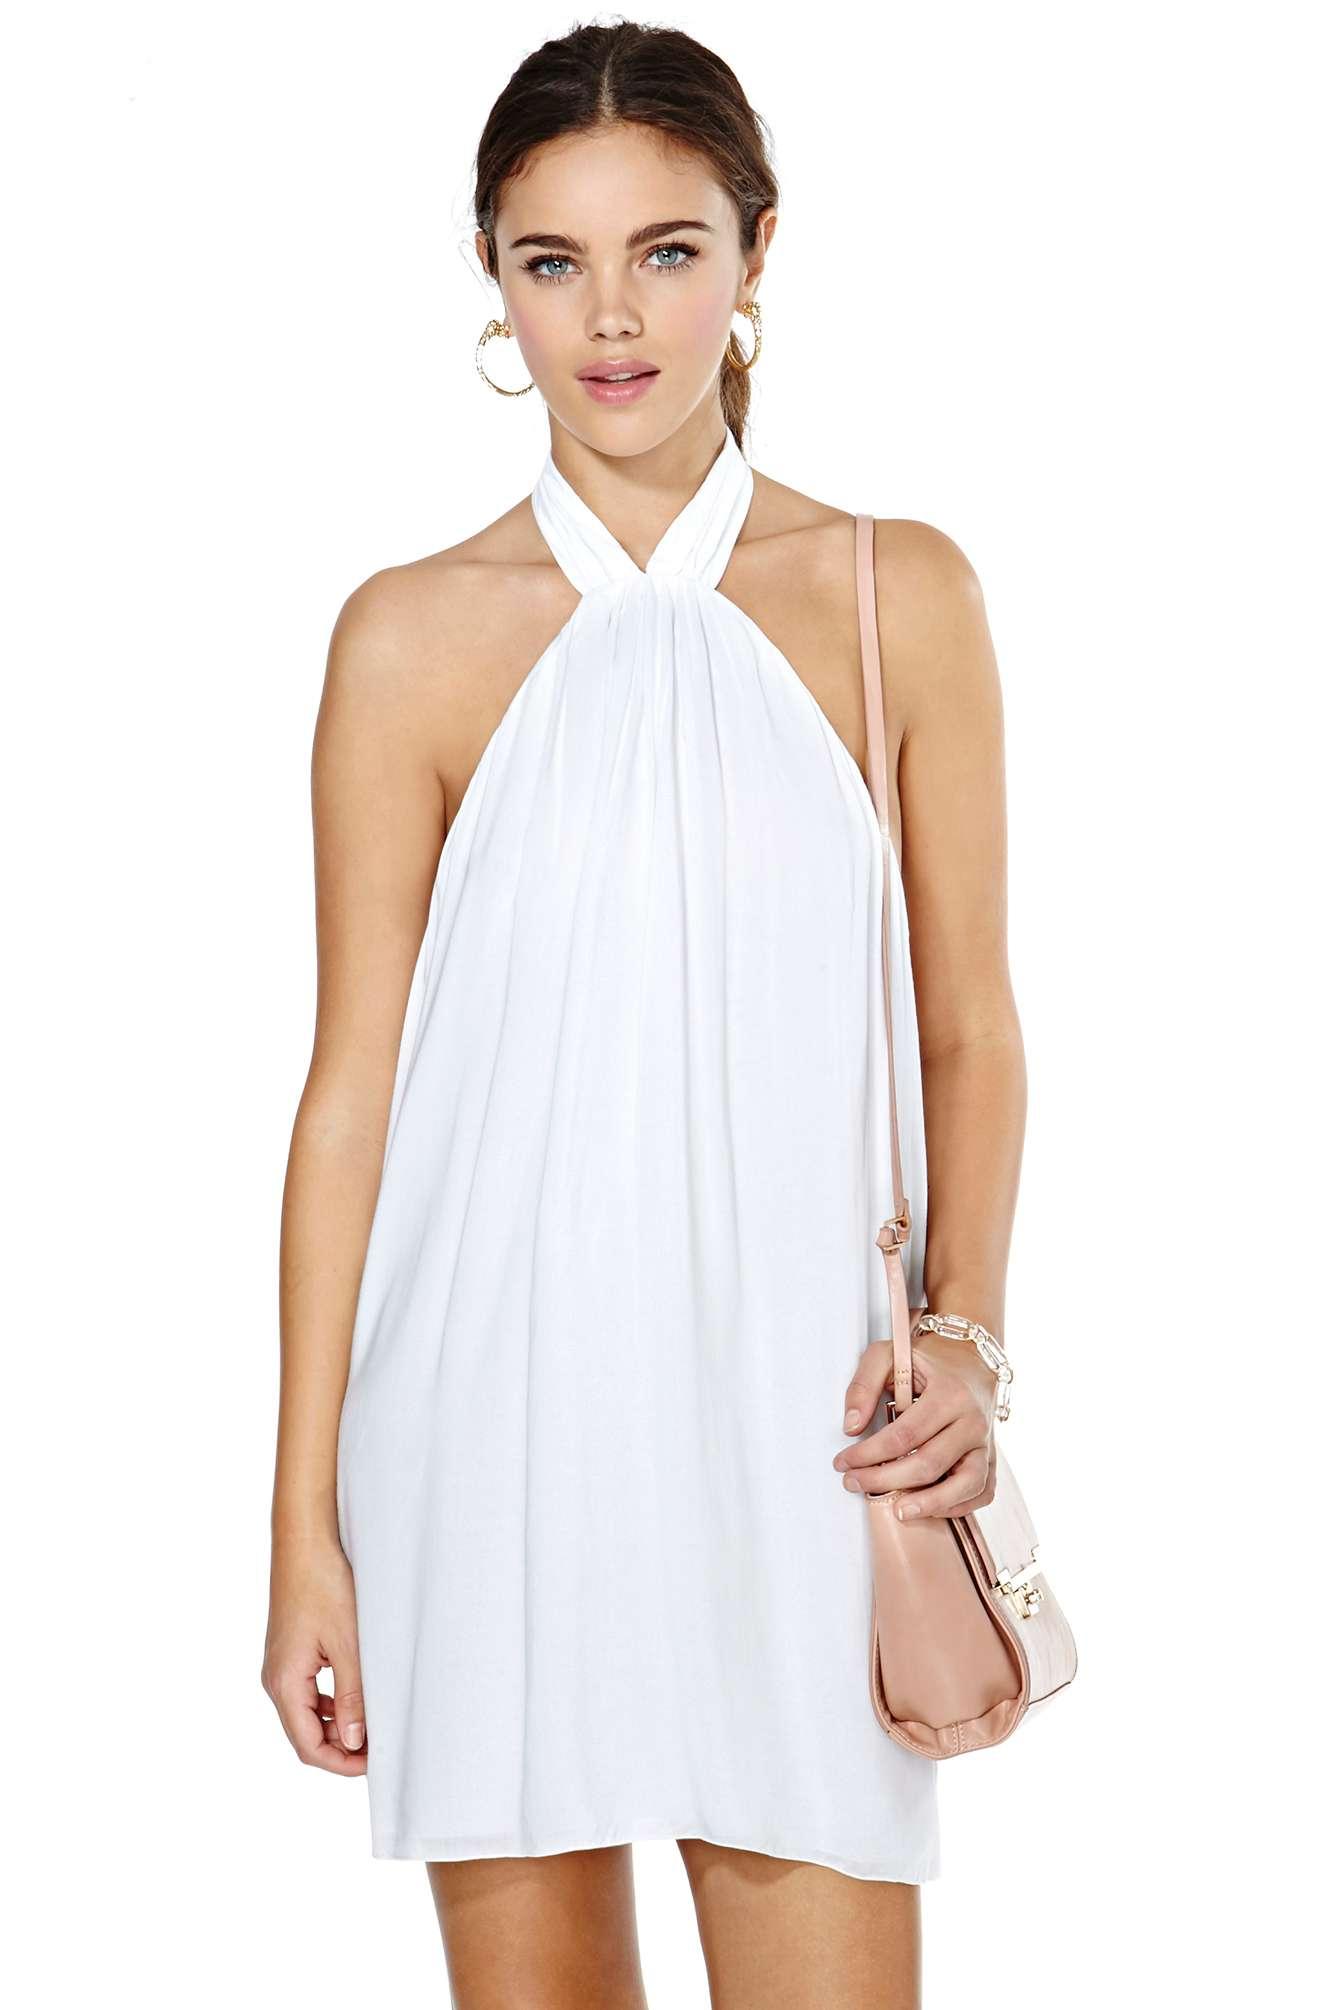 Vestidos blancos atados al cuello